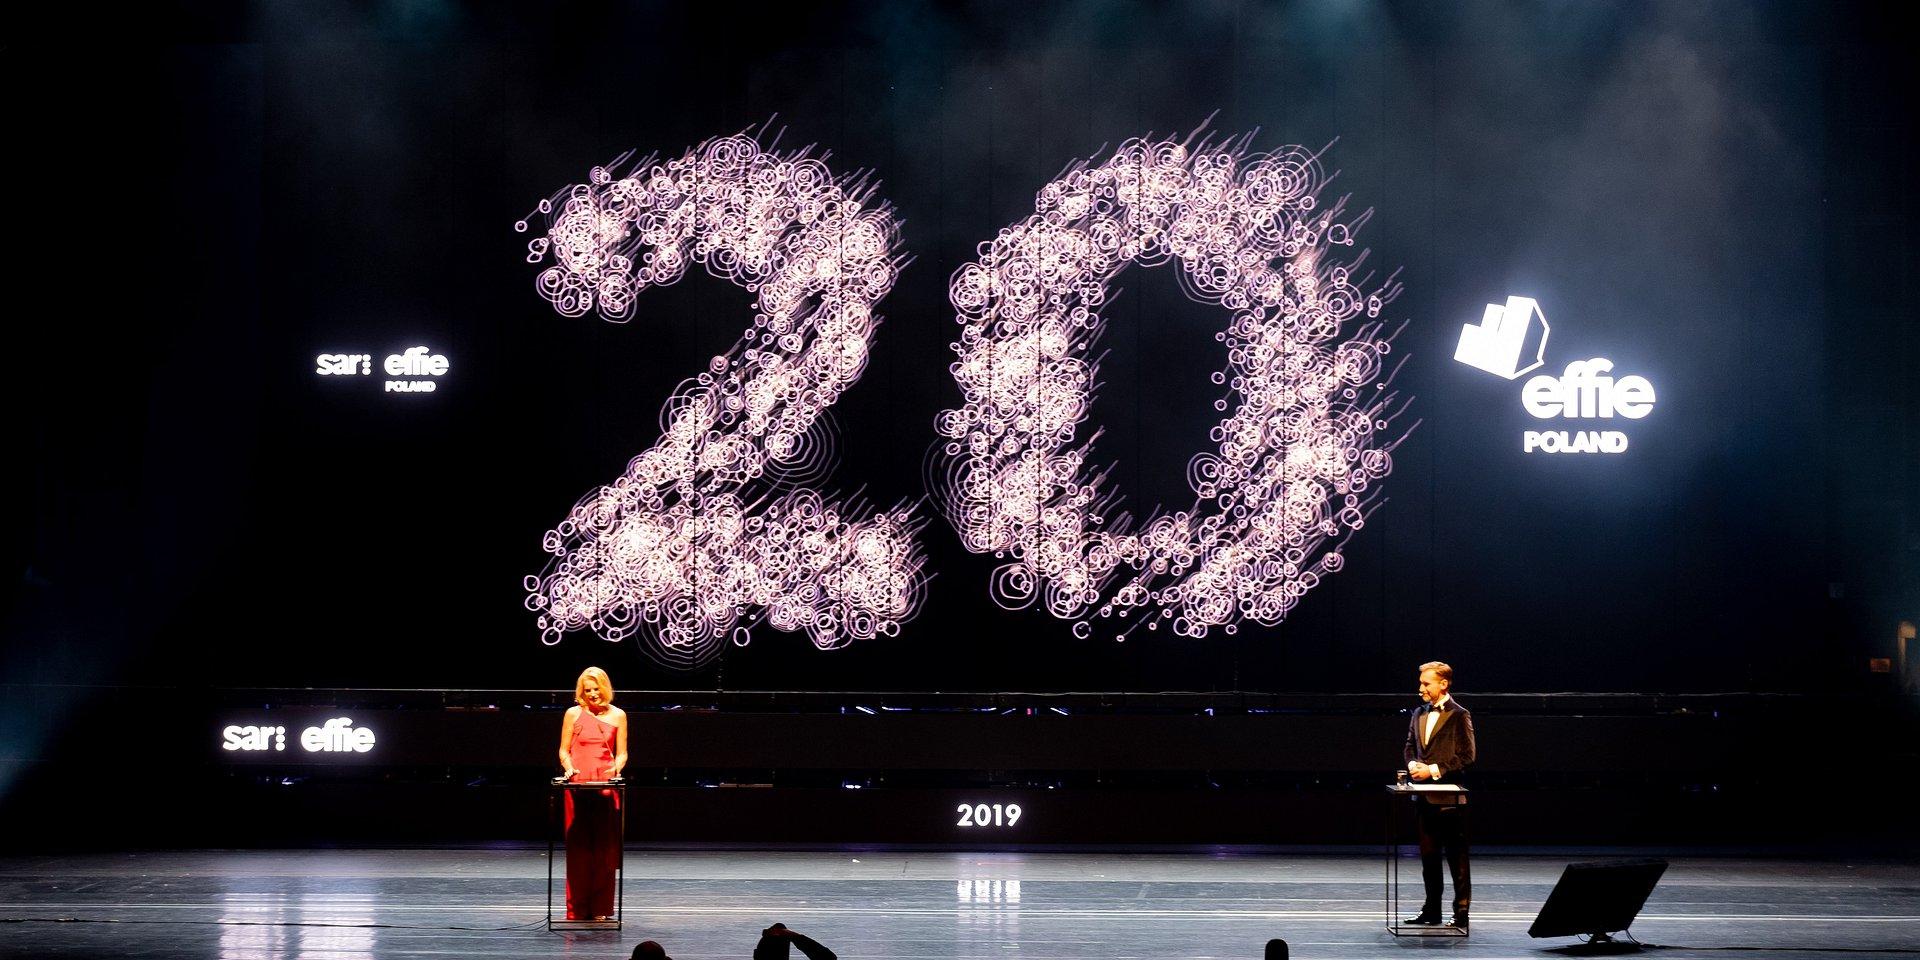 Wręczono nagrody w 20 edycji SAR: Effie Awards 2019 19 brązowych, 31 srebrnych, 6 złotych statuetek oraz Grand Prix konkursu 2019